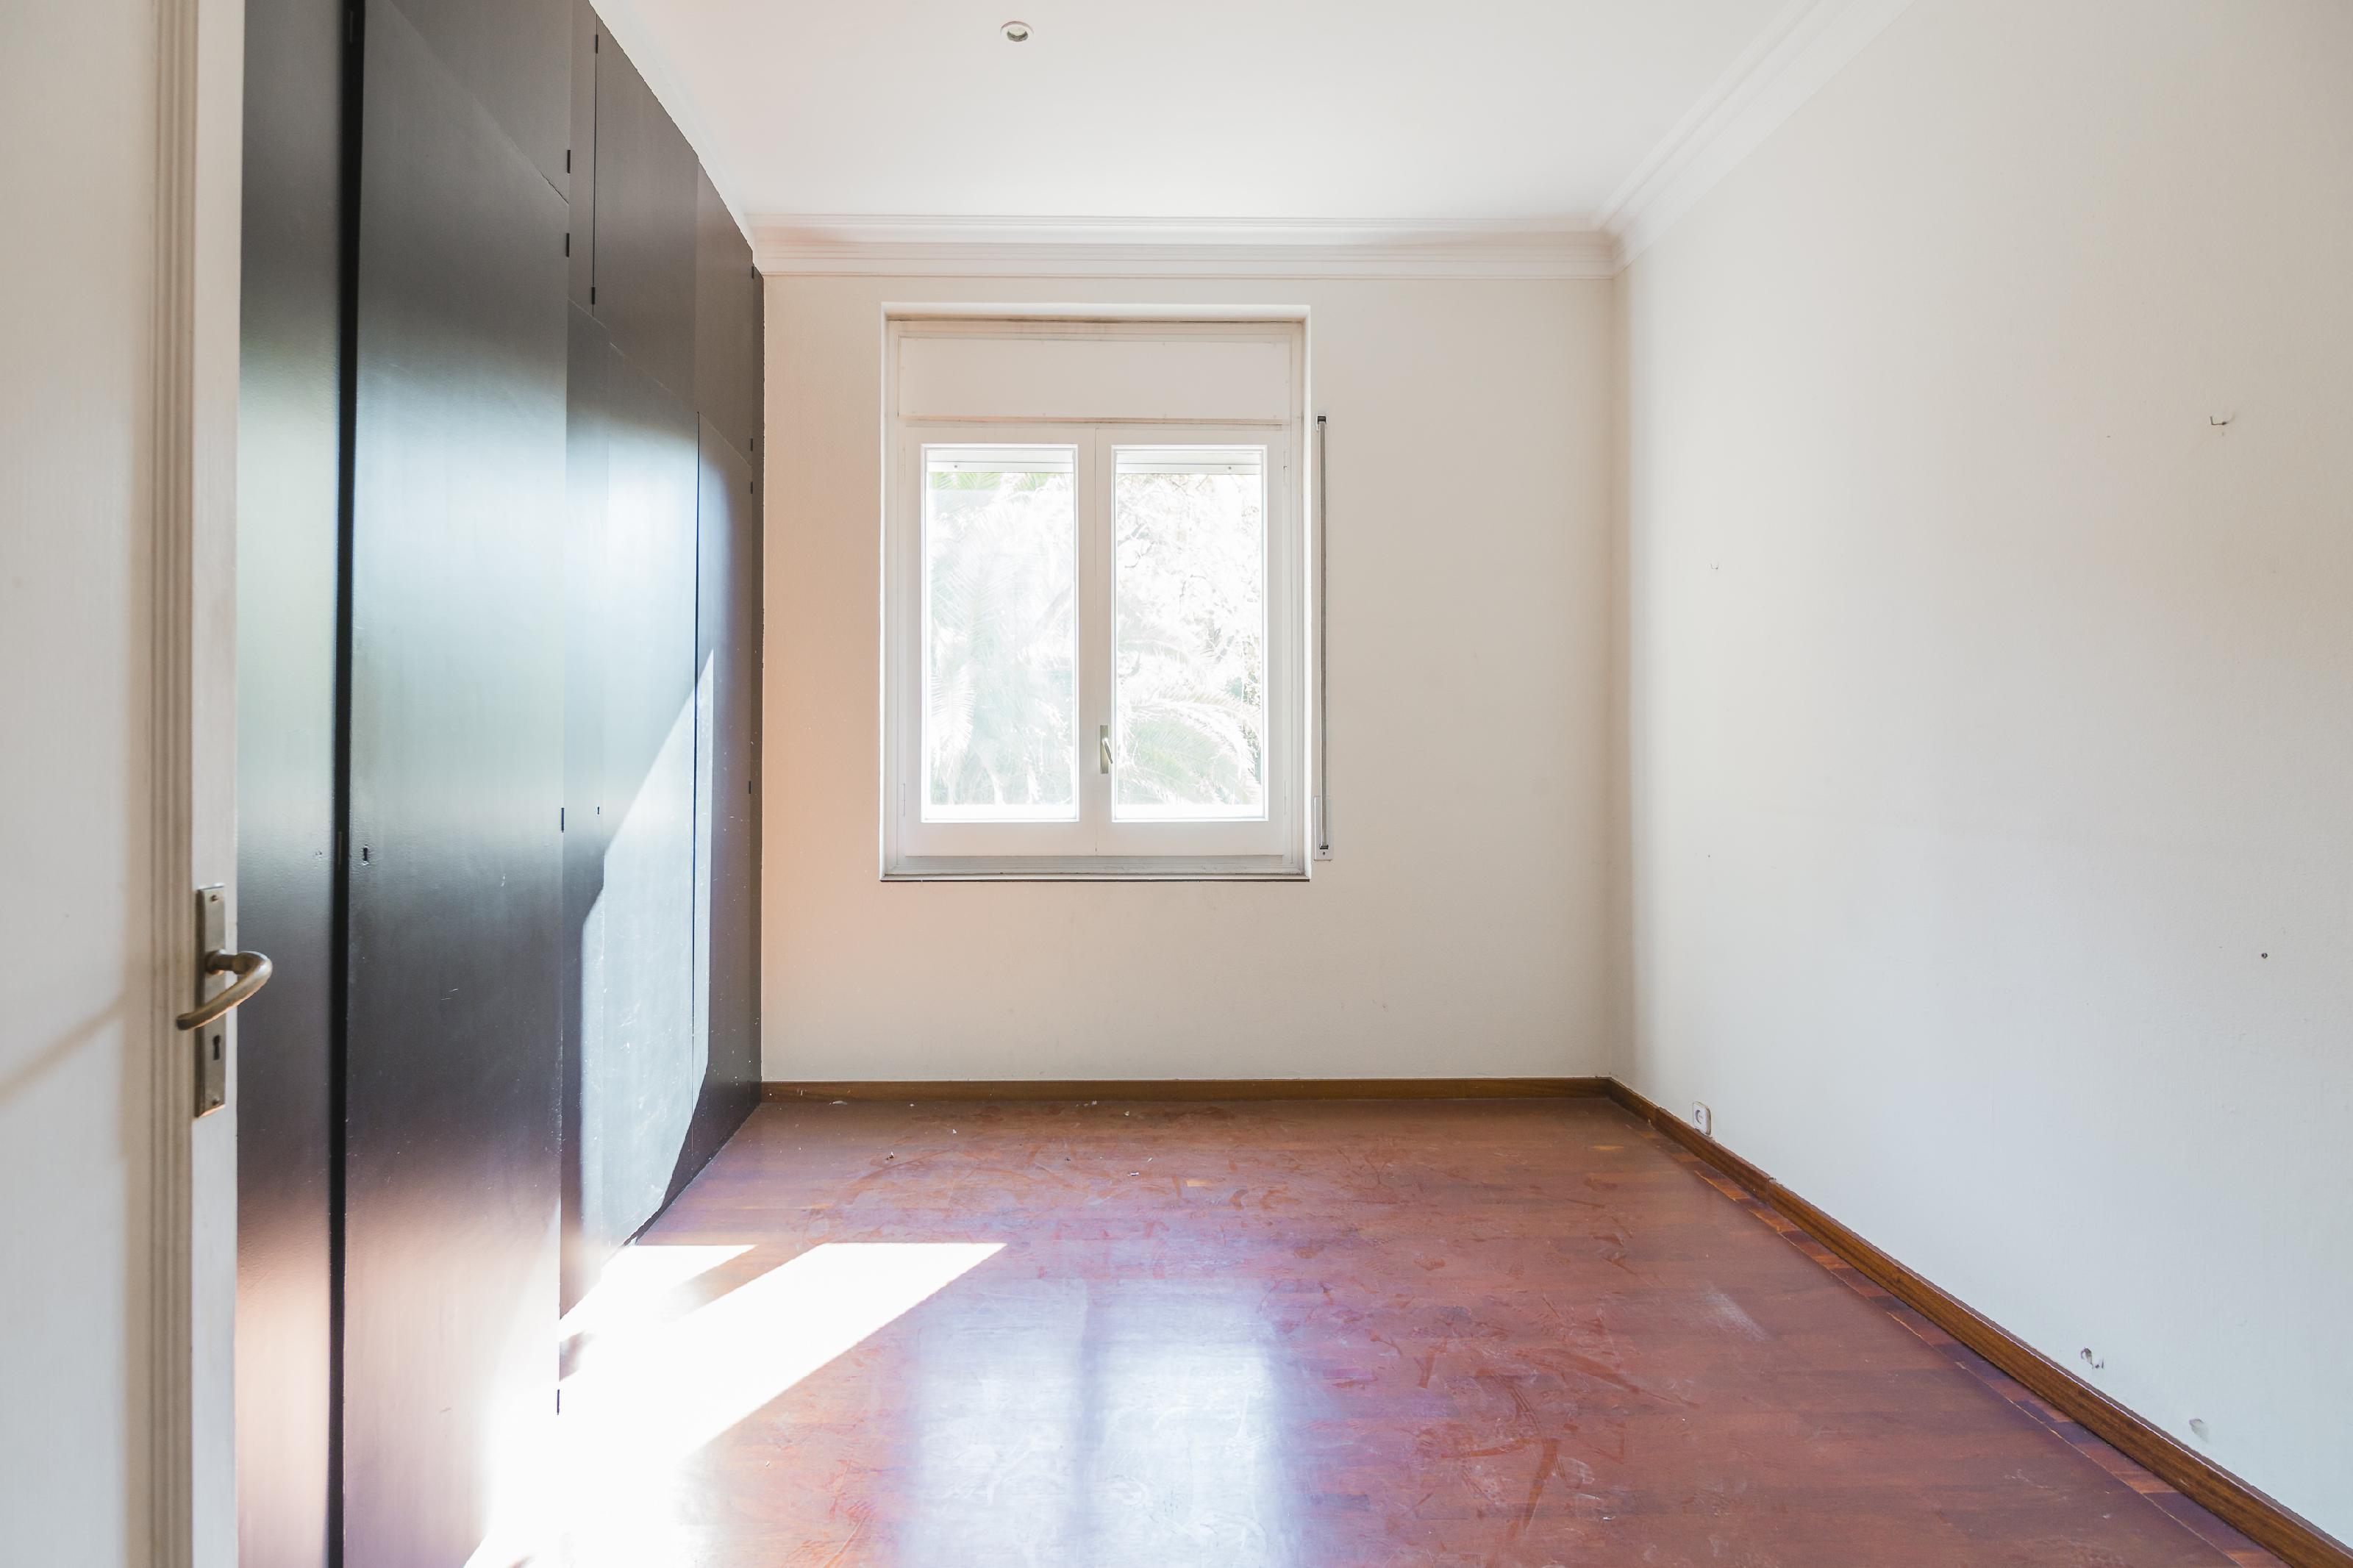 246347 Flat for sale in Sarrià-Sant Gervasi, St. Gervasi-Bonanova 16